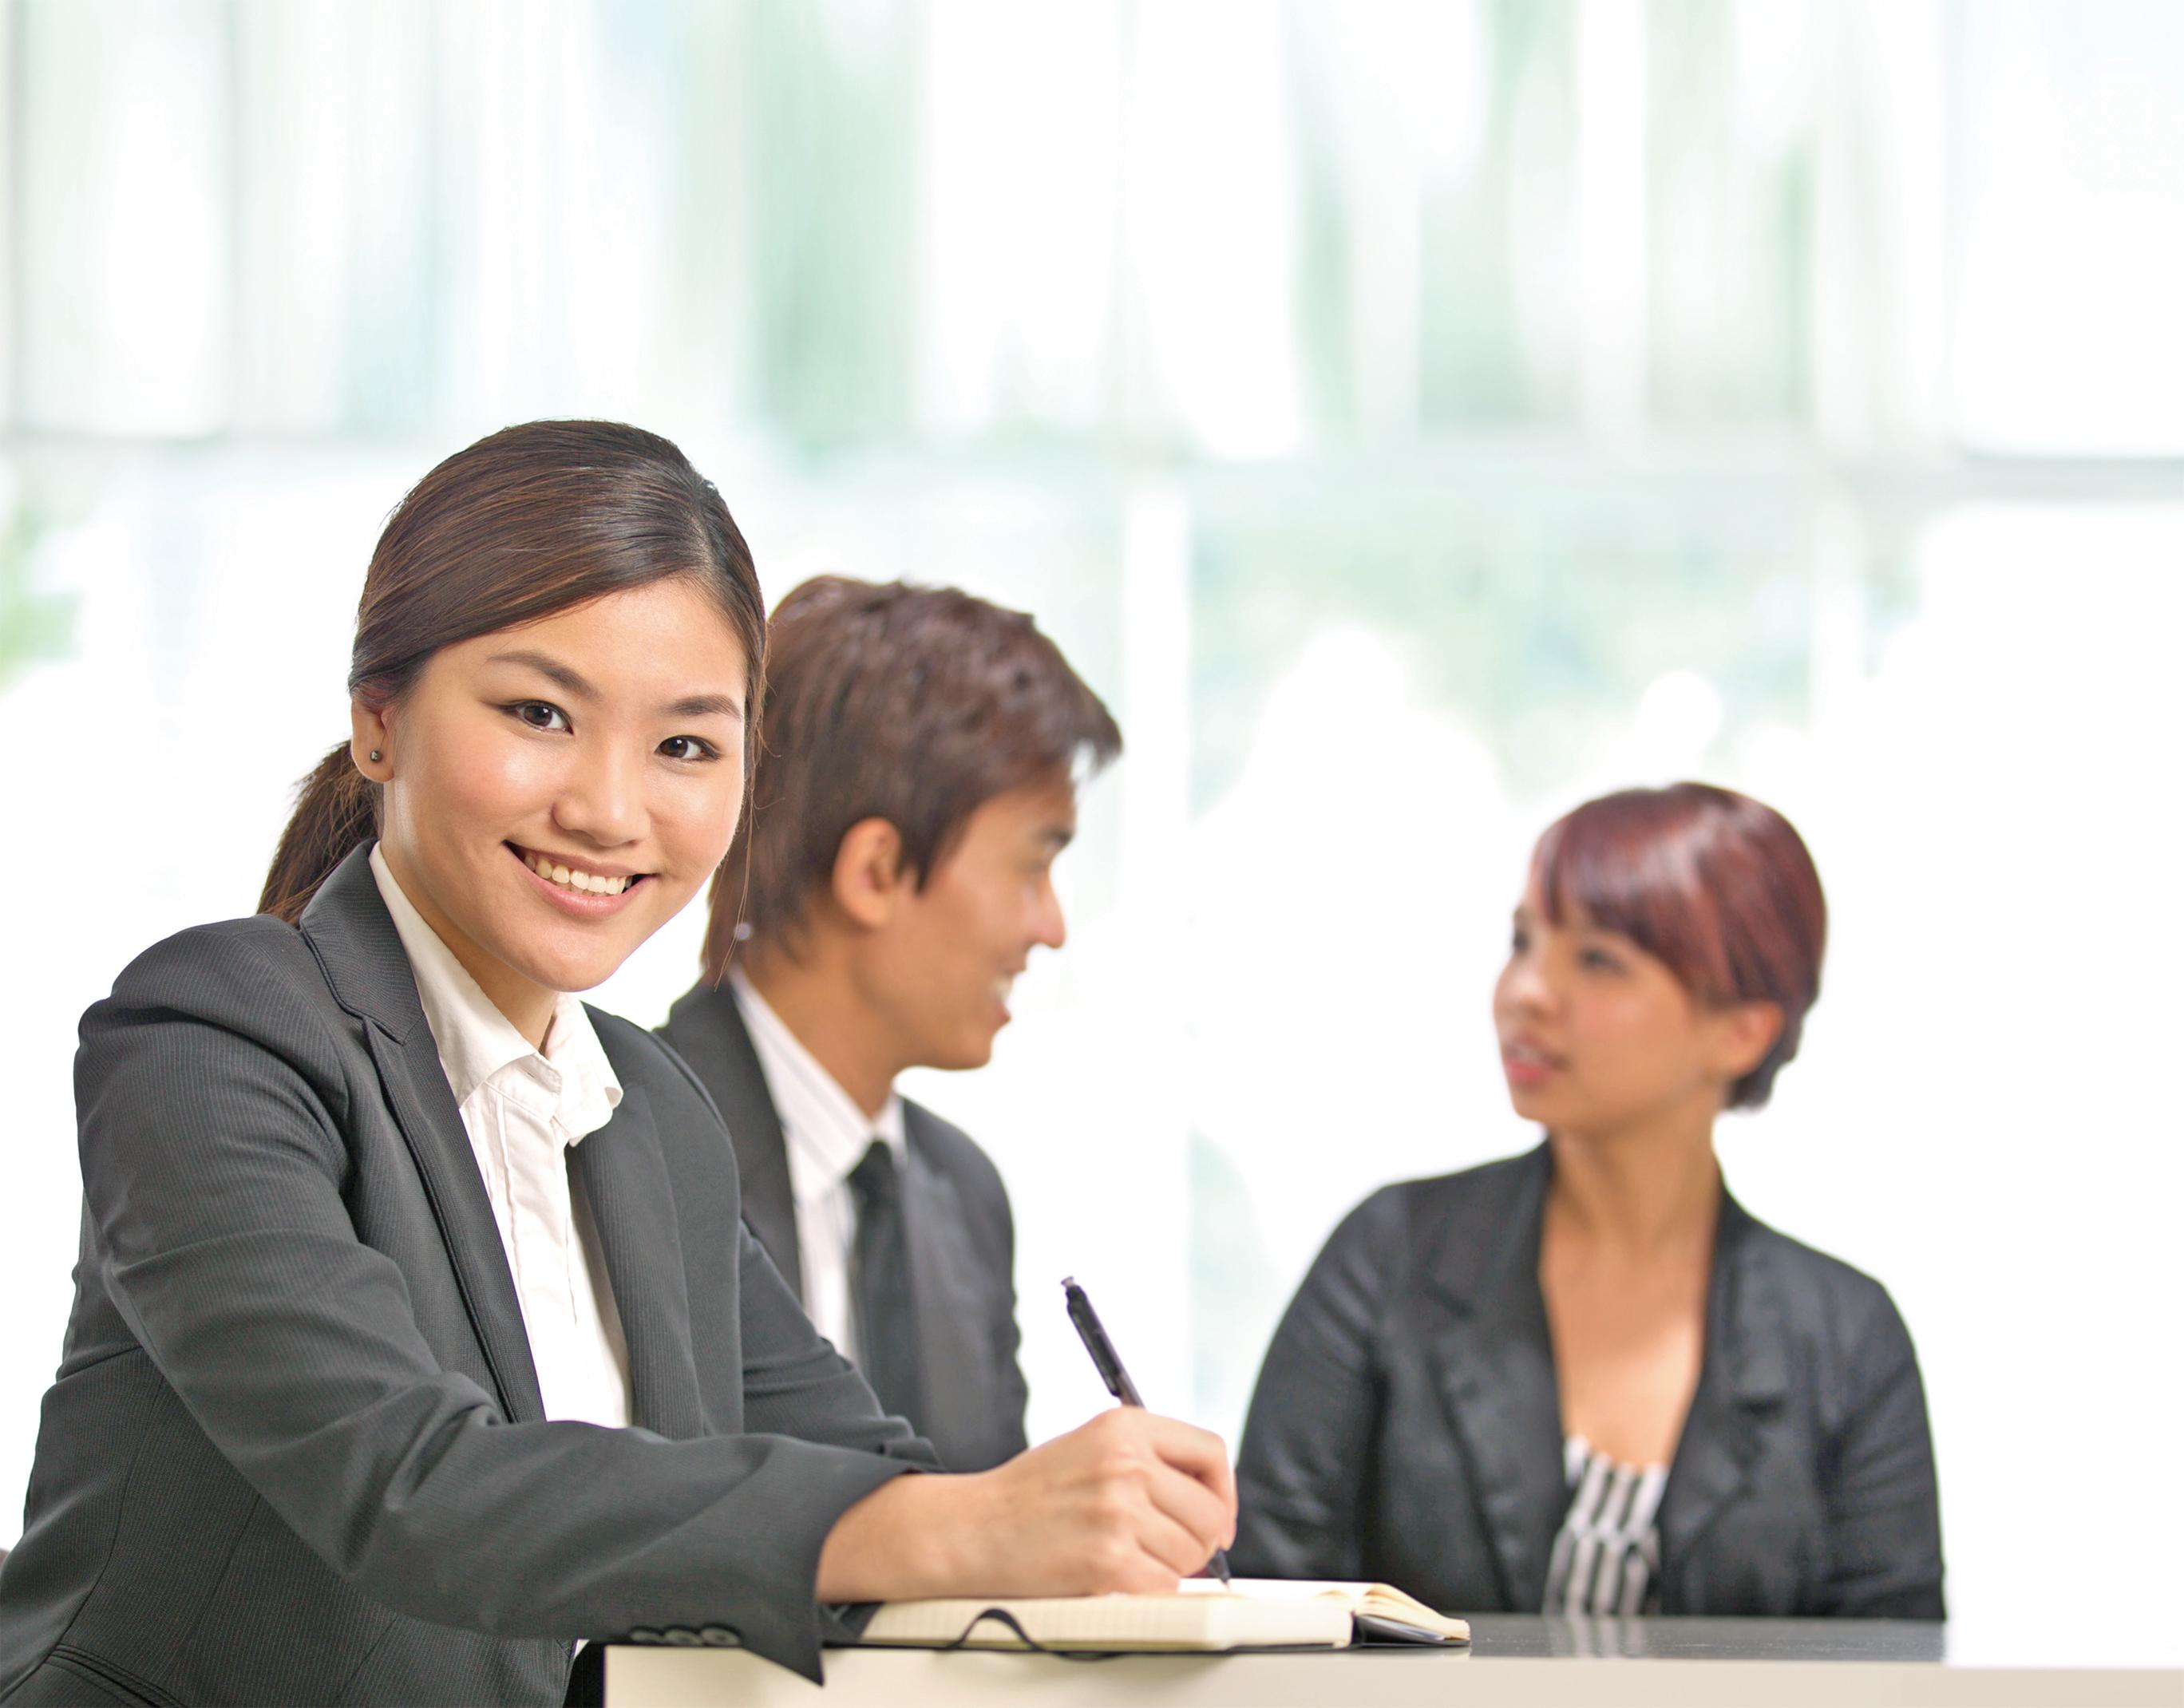 態度決定職場人的價值